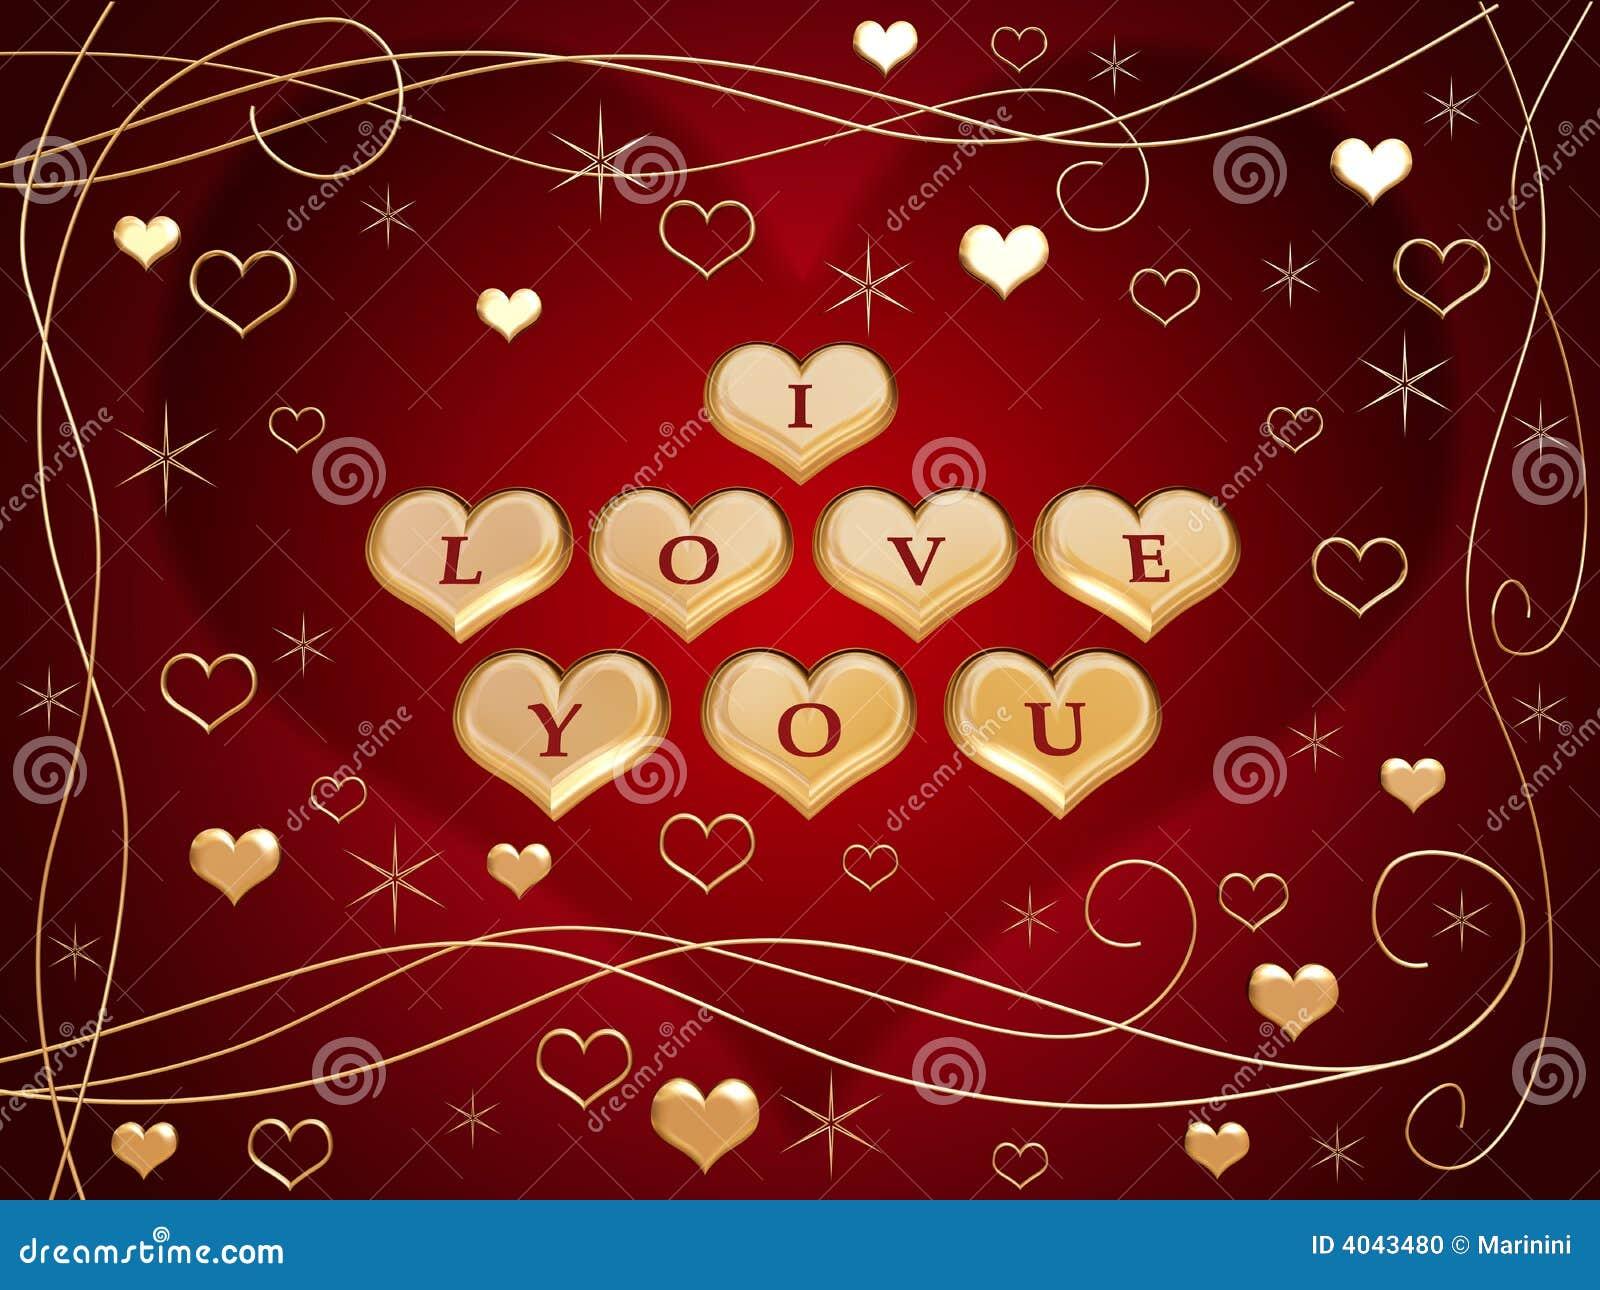 Eu te amo 6